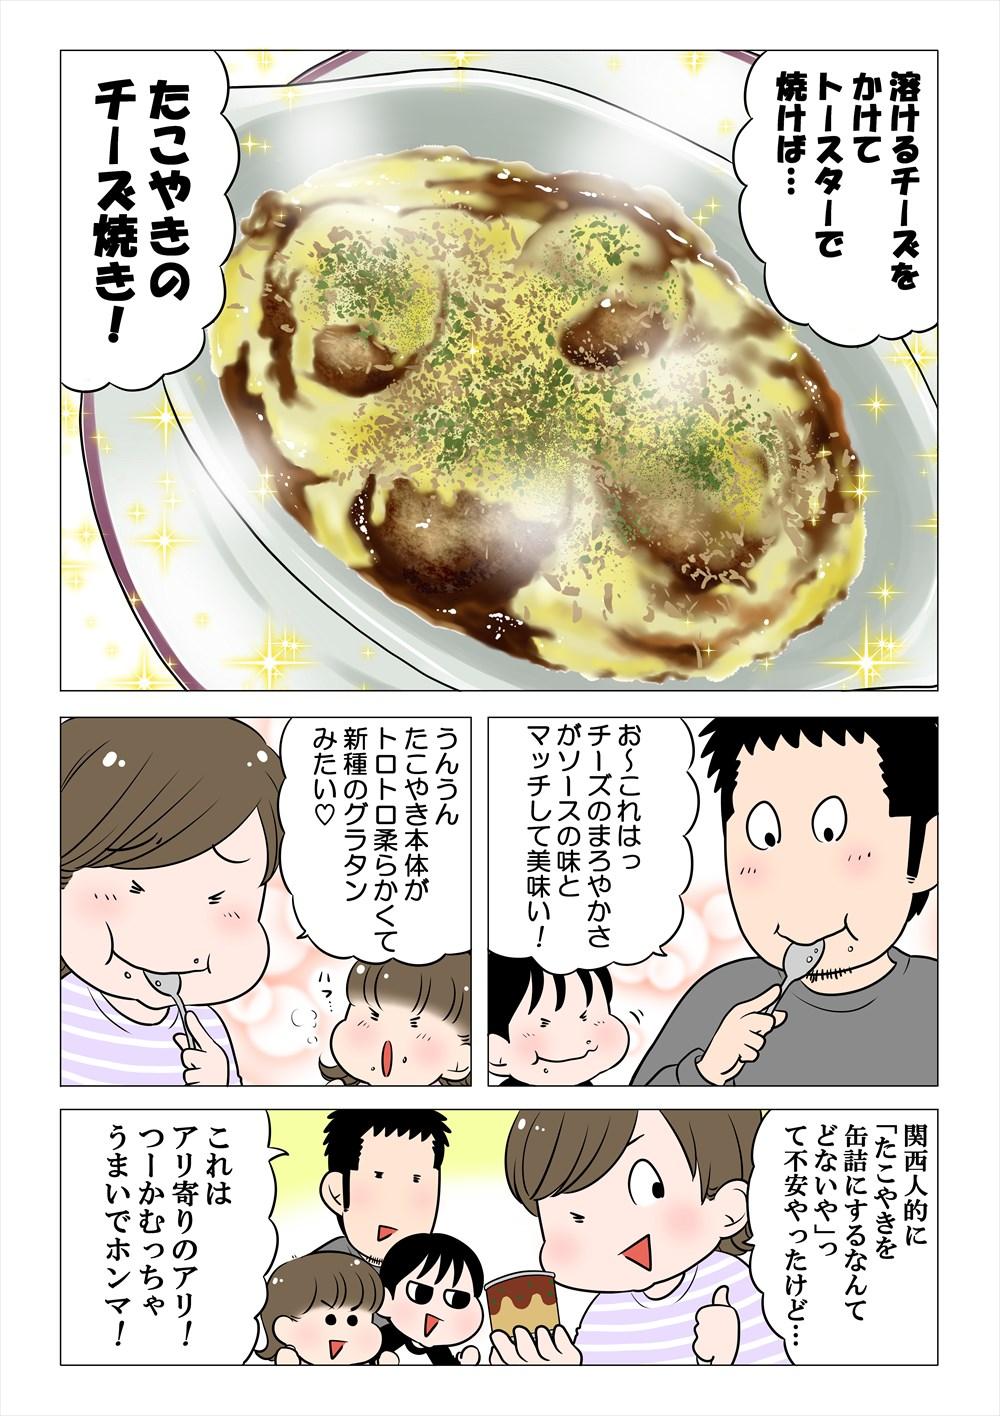 きょうの缶詰どれ食べる_002改_R